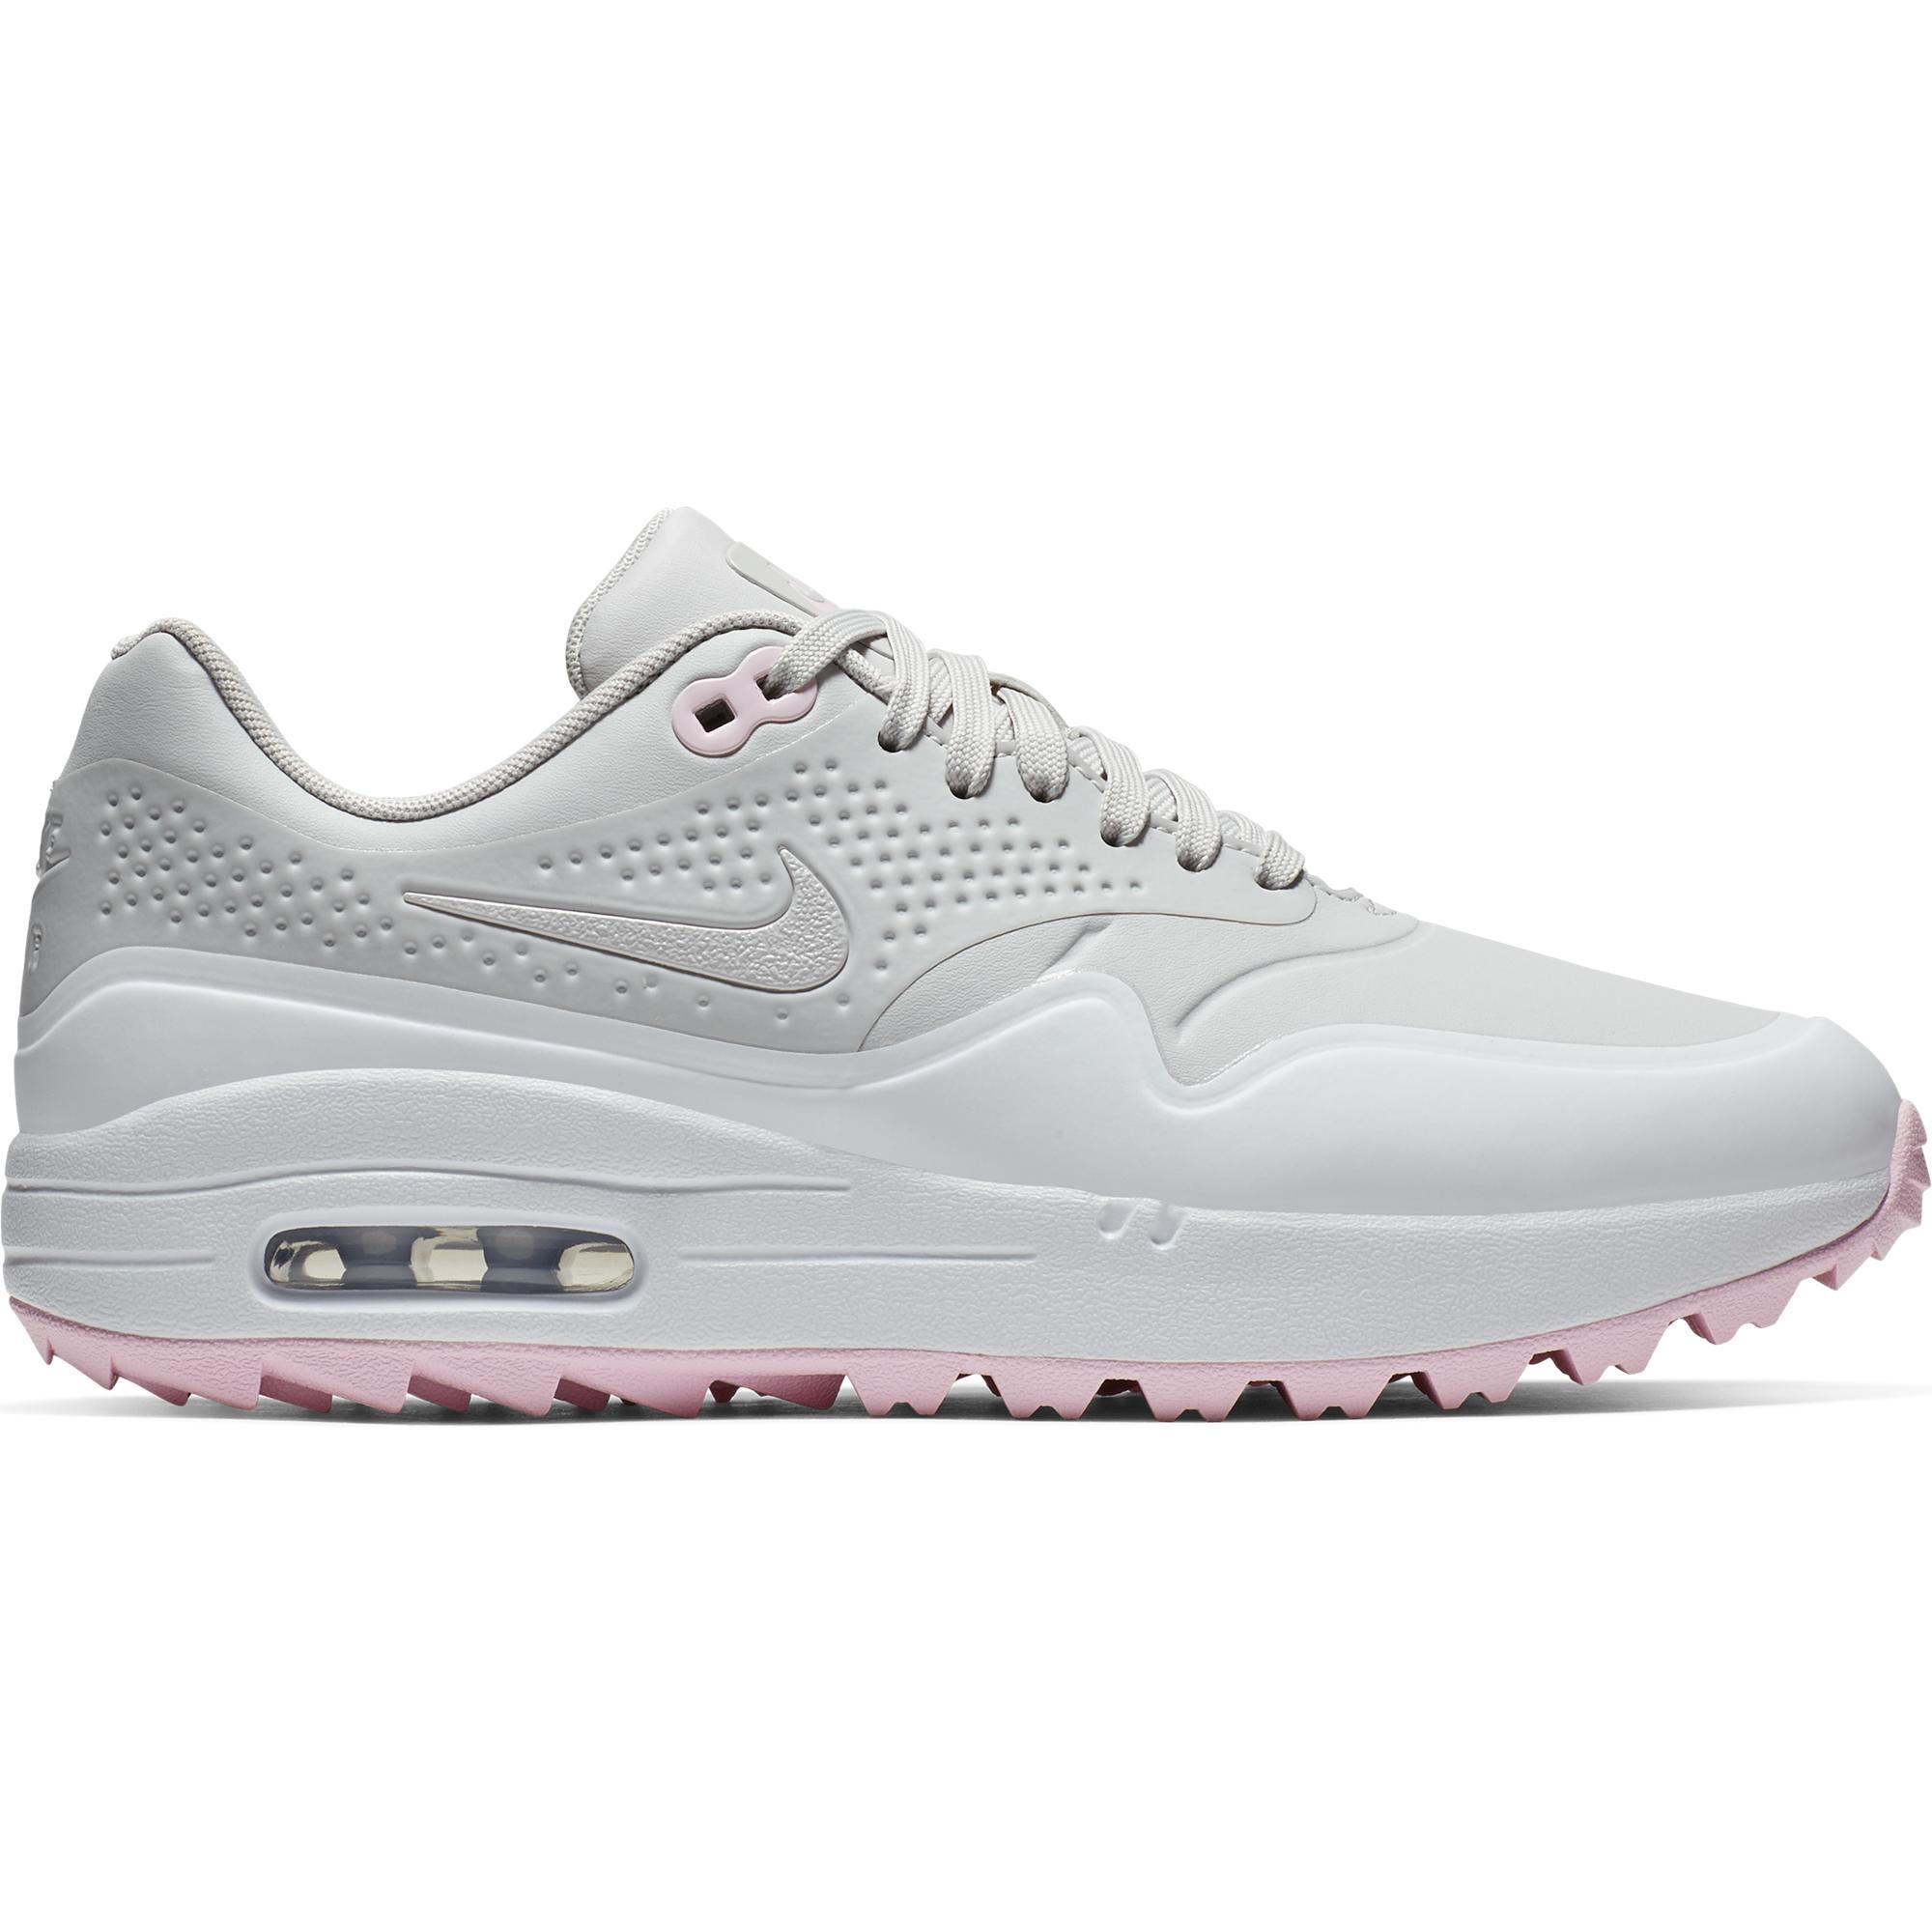 Women's Air Max 1 G Spikeless Golf Shoe - GREY/LIGHT PINK